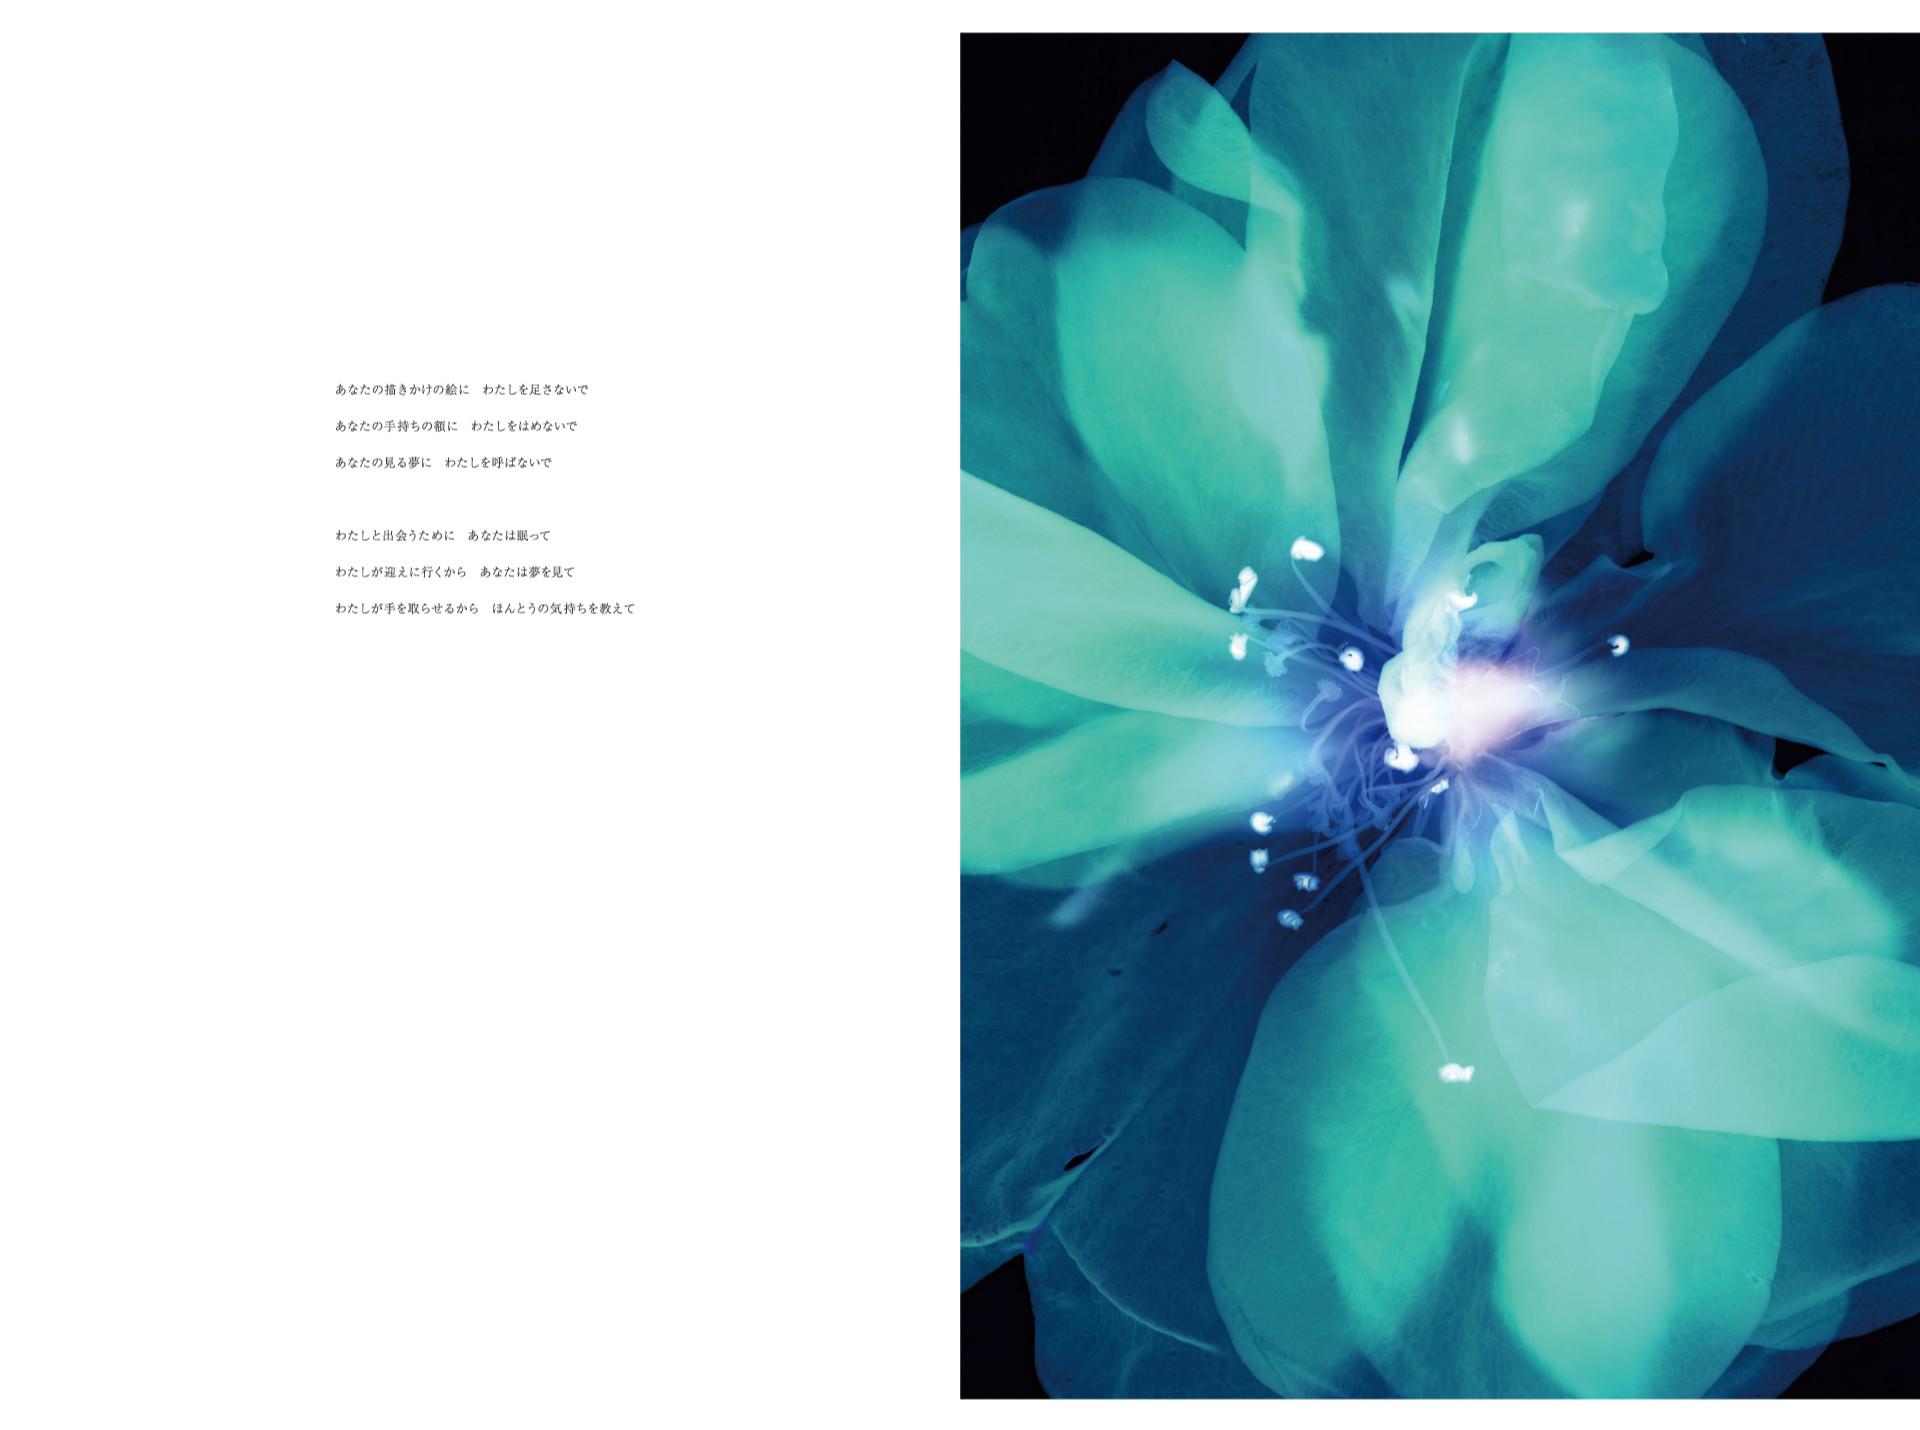 あなたの描きかけの絵に わたしを足さないで あなたの手持ちの額に わたしをはめないで あなたの見る夢に わたしを呼ばないで   わたしと出会うために あなたは眠って わたしが迎えに行くから あなたは夢を見て わたしが手を取らせるから ほんとうの気持ちを教えて      Poetry : Akiko Niimi       Rose Ⓒ 2016 Yoichiro Nishimura